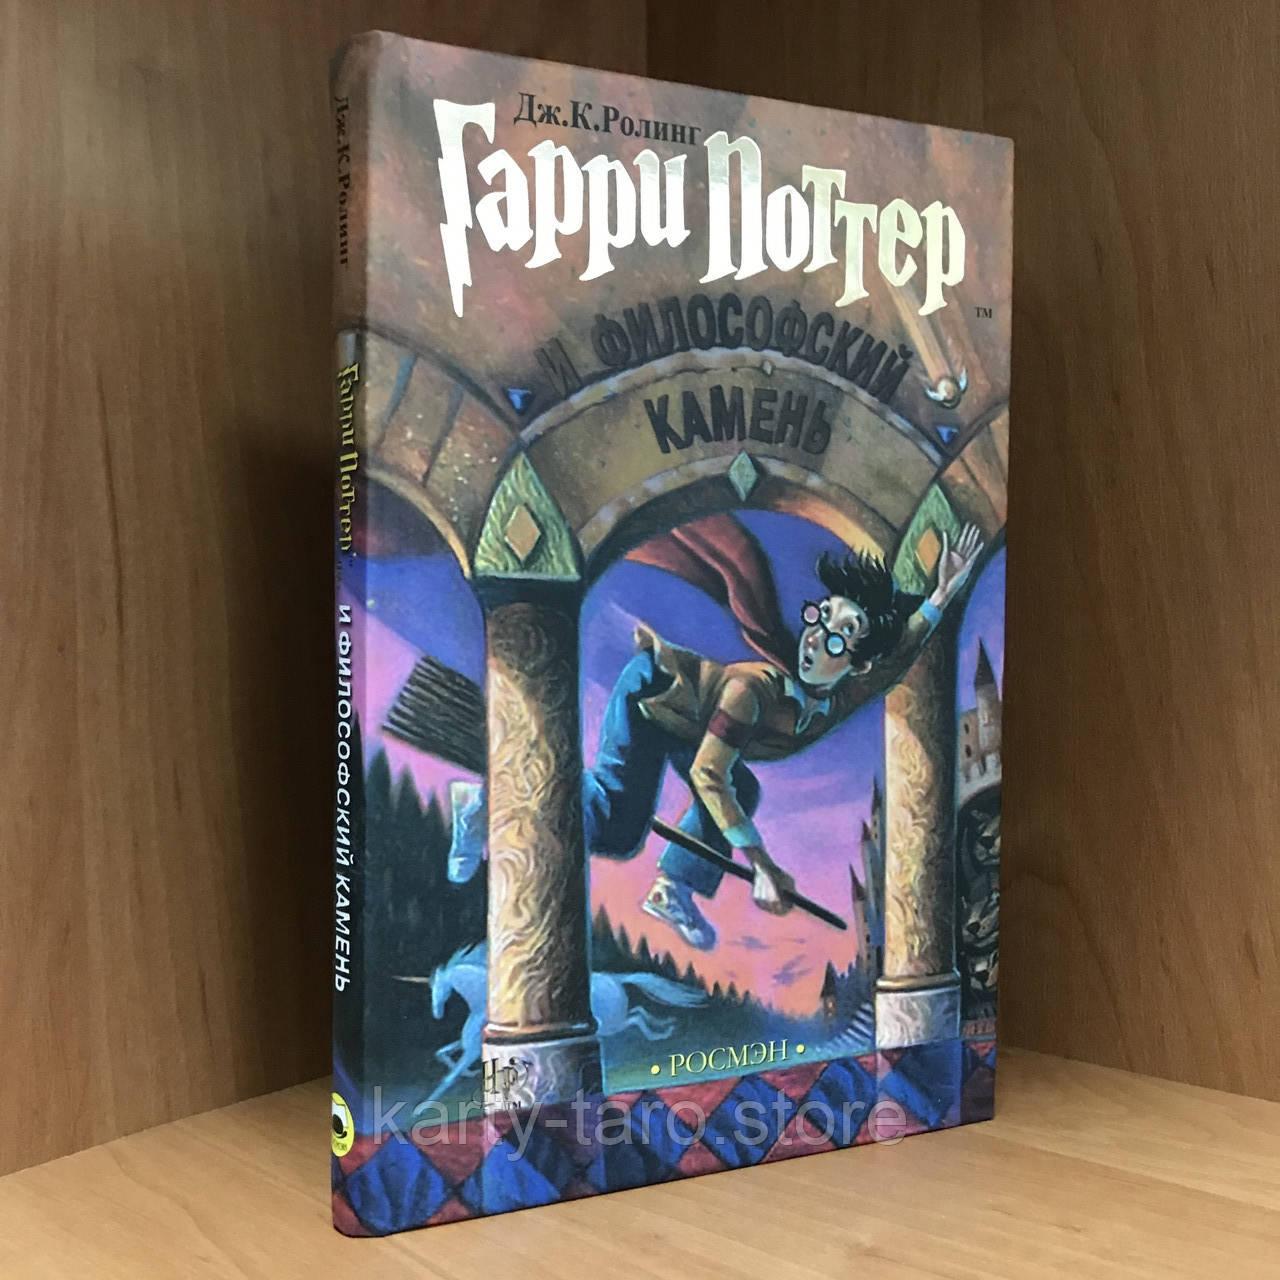 Книга Гарри Поттер и Философский камень Книга 1 -  Джоан Роулинг